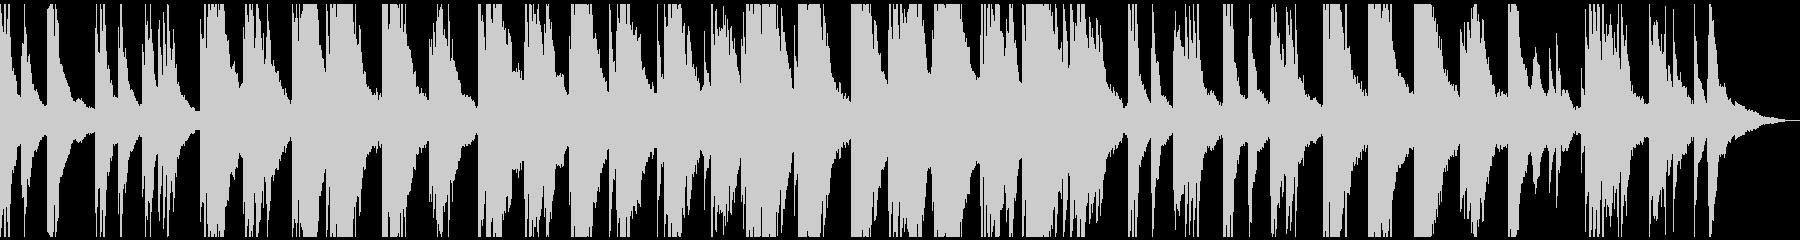 透明感・静けさ ヒーリング系ピアノソロの未再生の波形